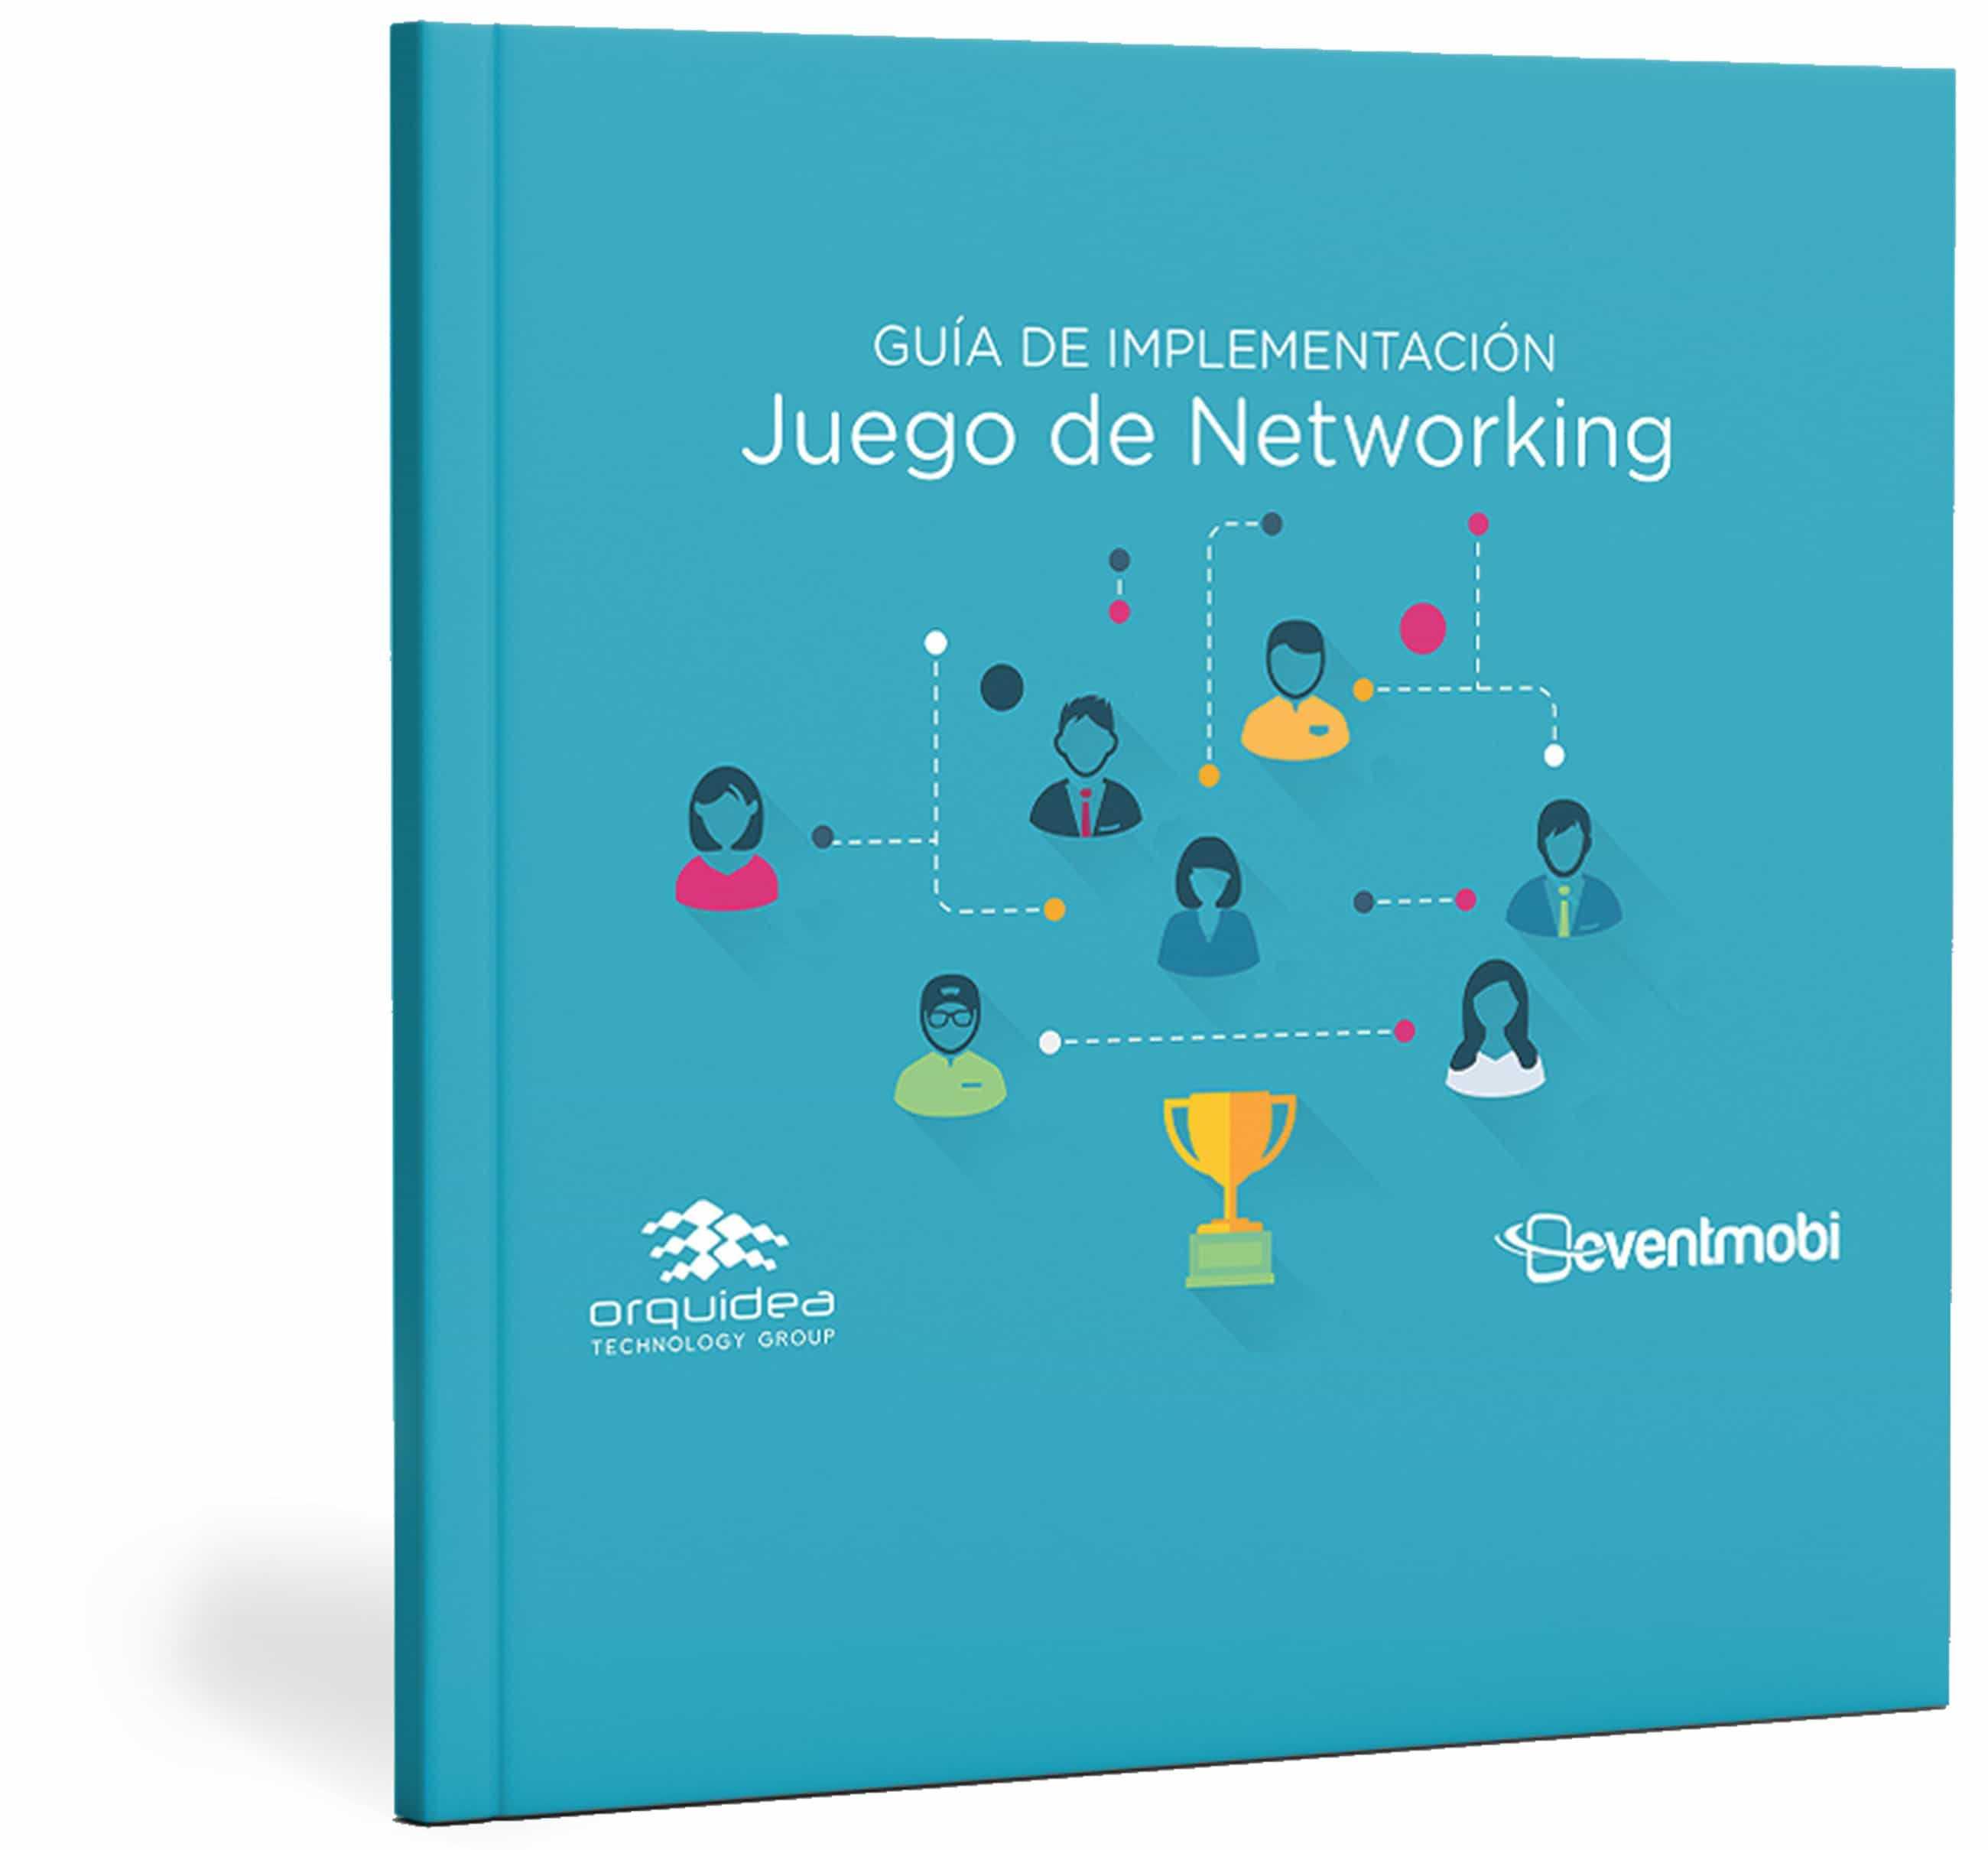 Guía de implementación de Juego de Networking